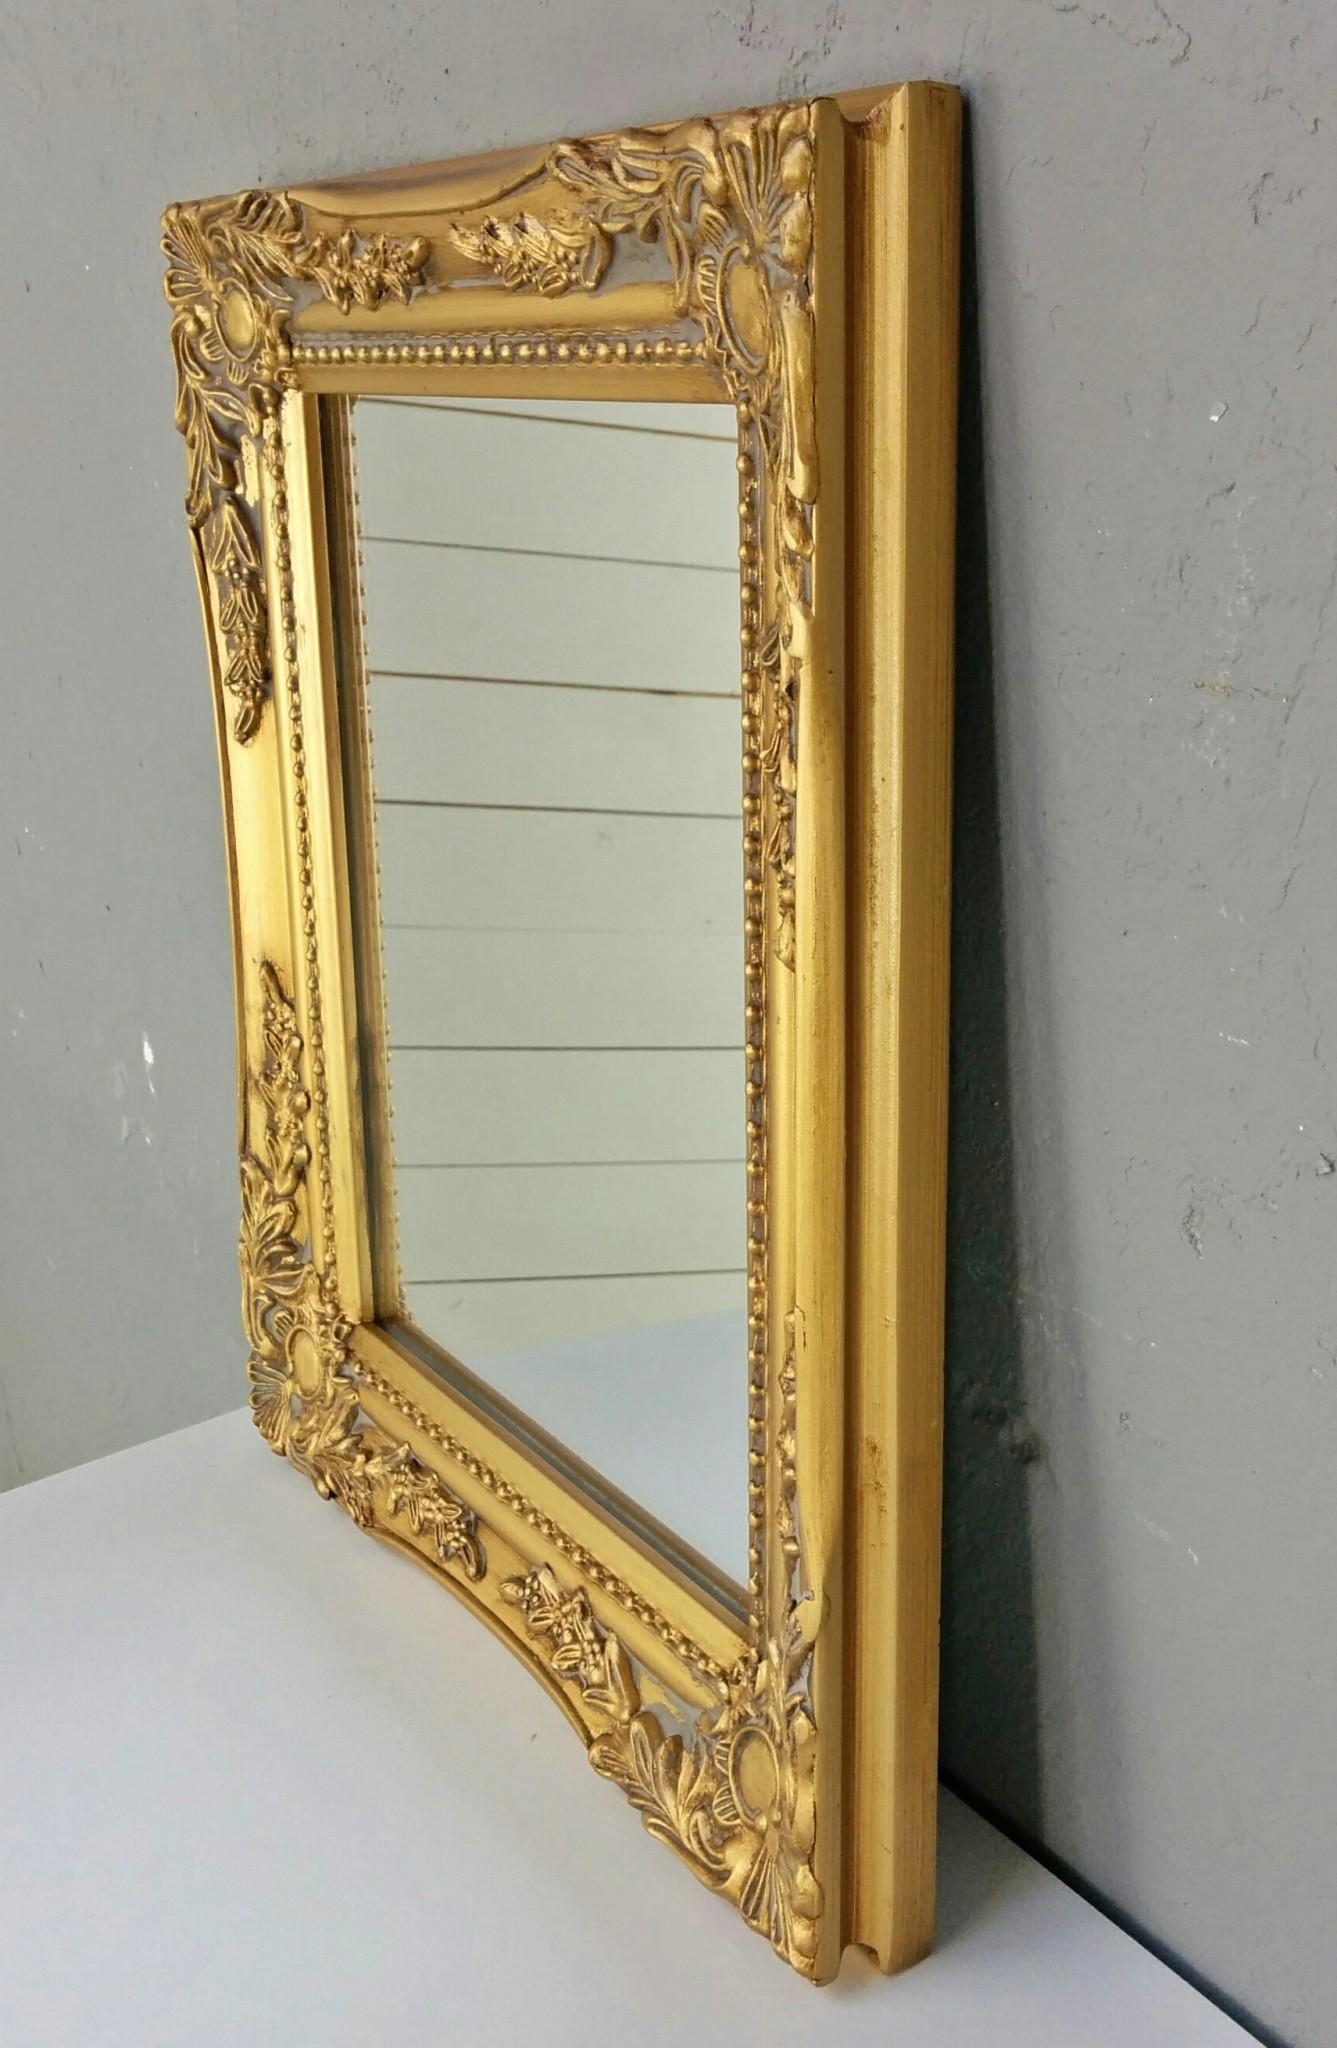 Spiegel wandspiegel barock gold antik holz landhaus for Wandspiegel barok